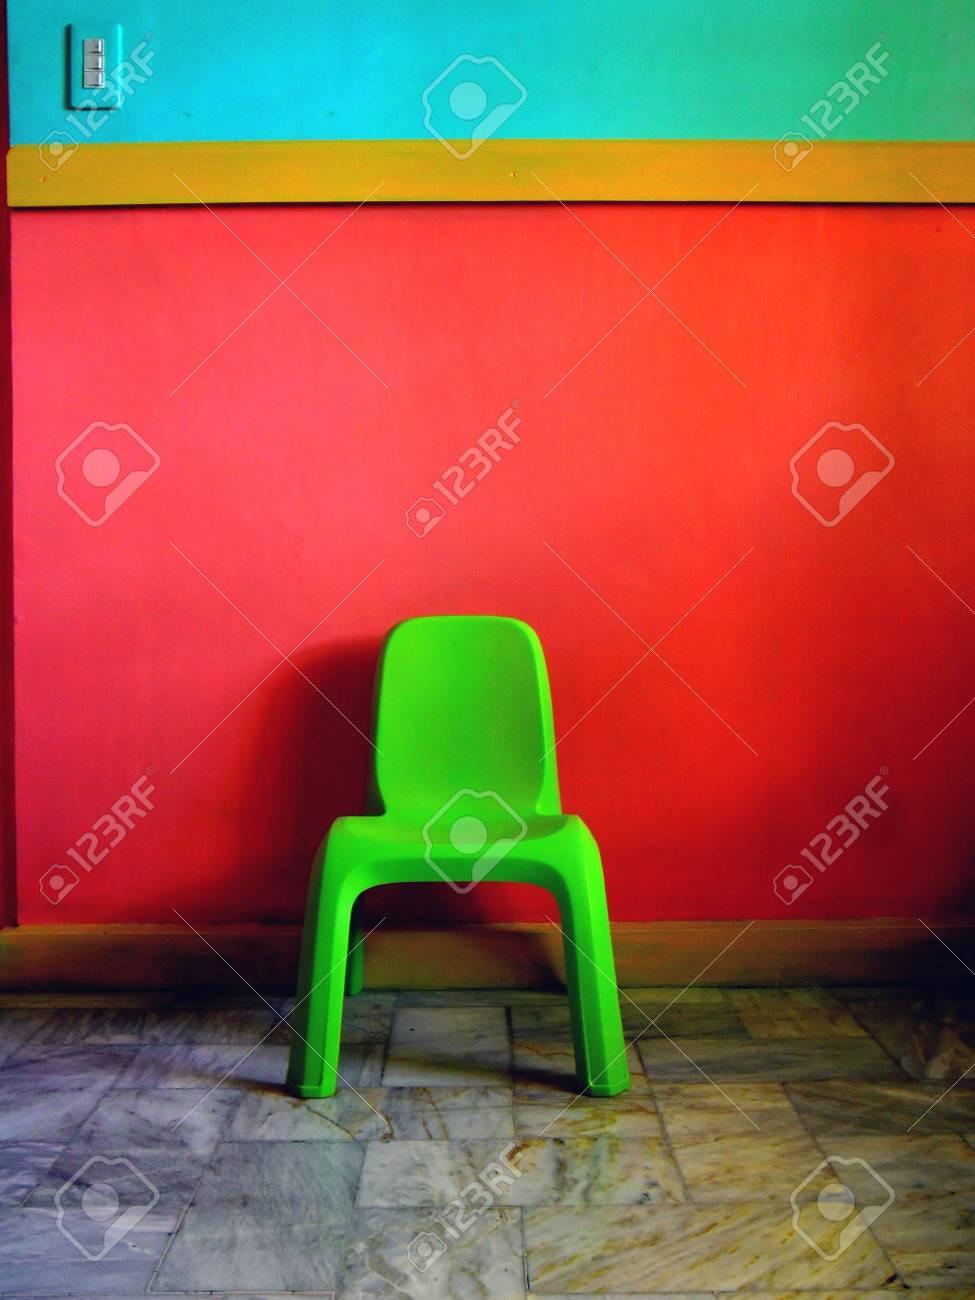 Grune Stuhl Orange Und Blau Wand Aus Einem Wohnzimmer Lizenzfreie